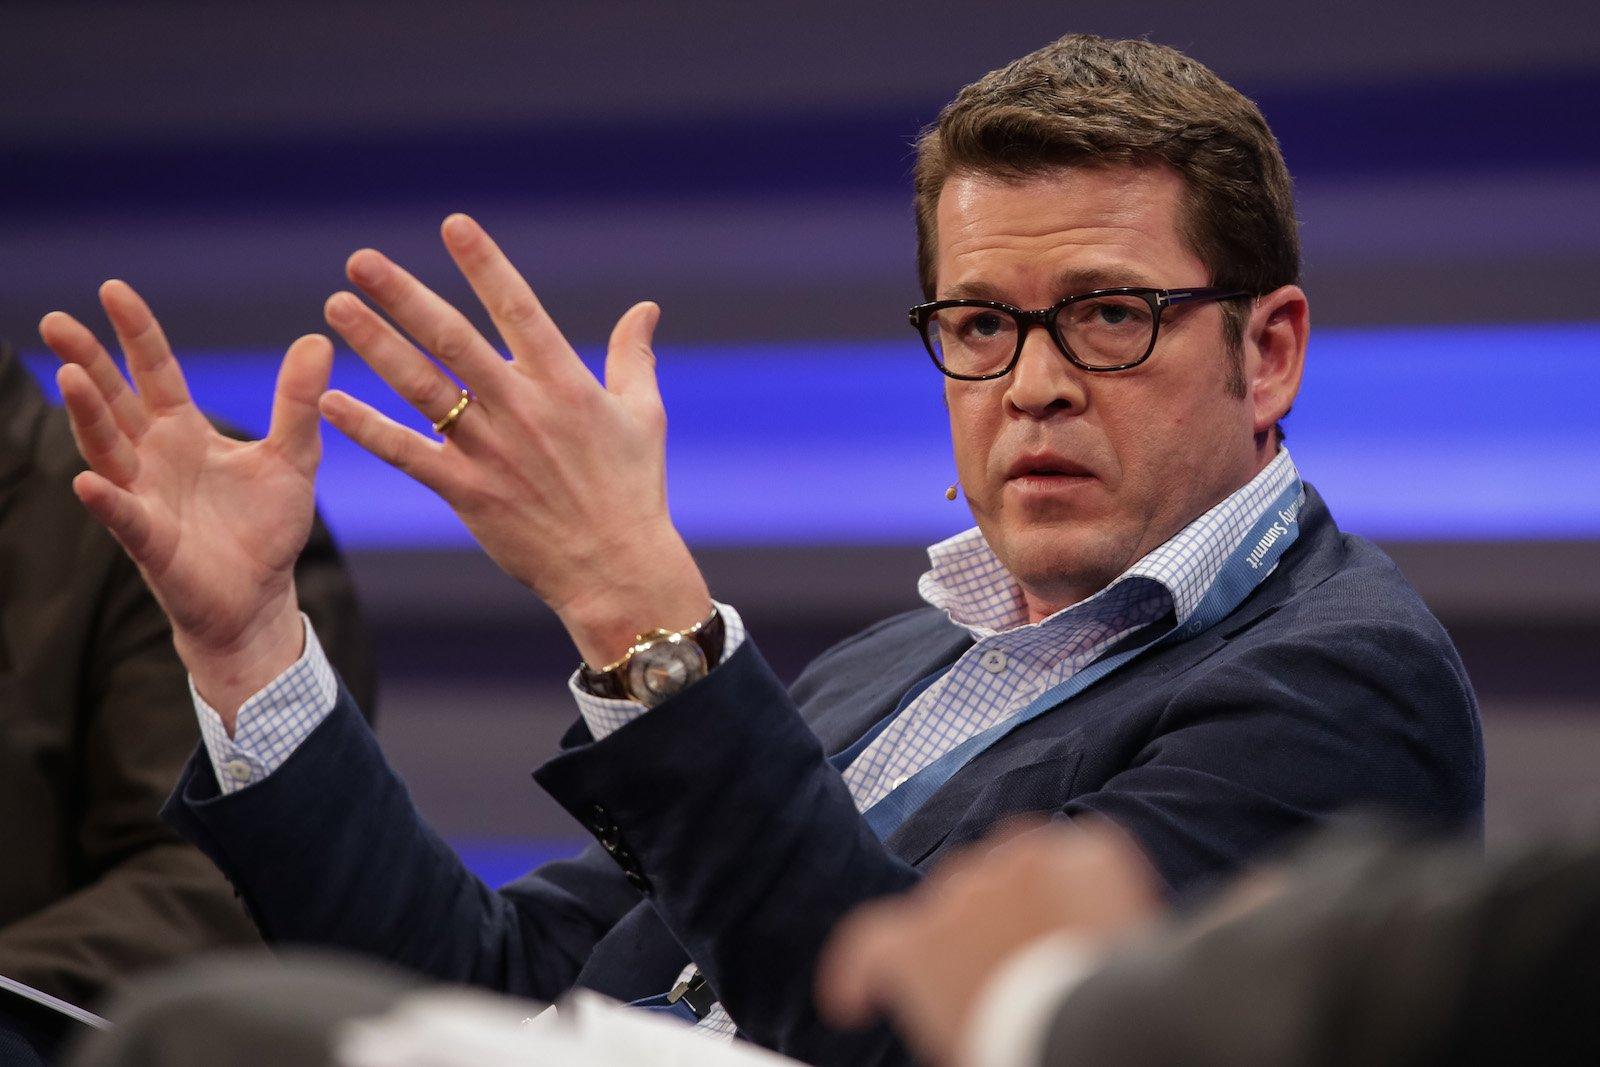 Auch Ex-Bundesverteidigungsminister Karl-Theodor zu Guttenberg meldete sich beimCyber Security Summit zu Wort und plädierte für eine stärkeretransatlantische Zusammenarbeit.